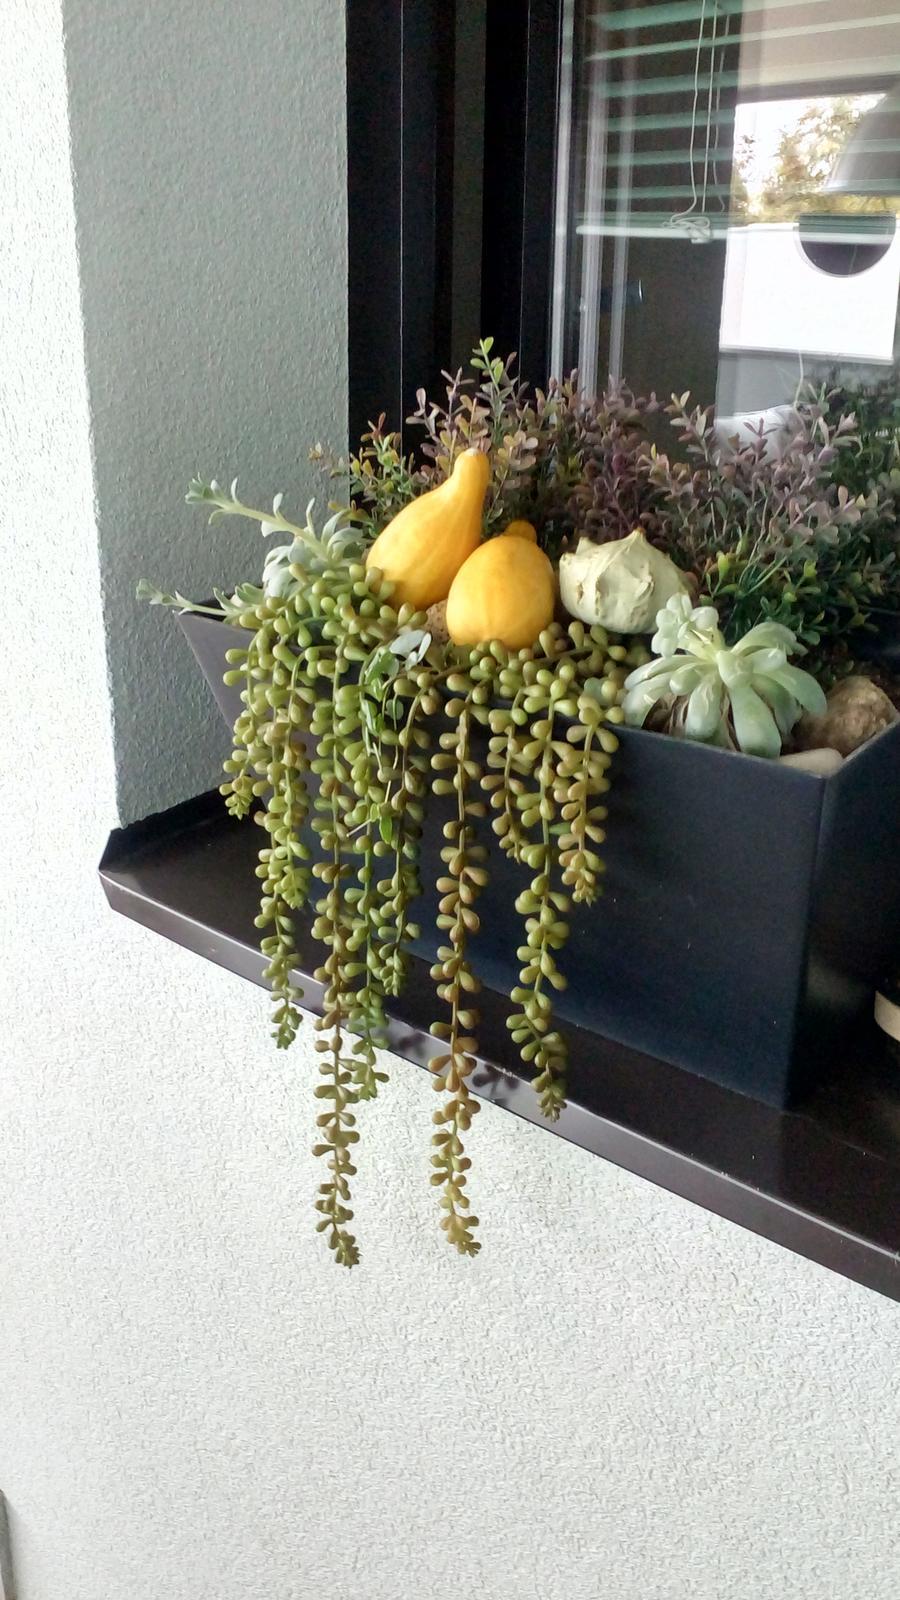 Začínám s podzimními truhlíky... - Obrázek č. 2